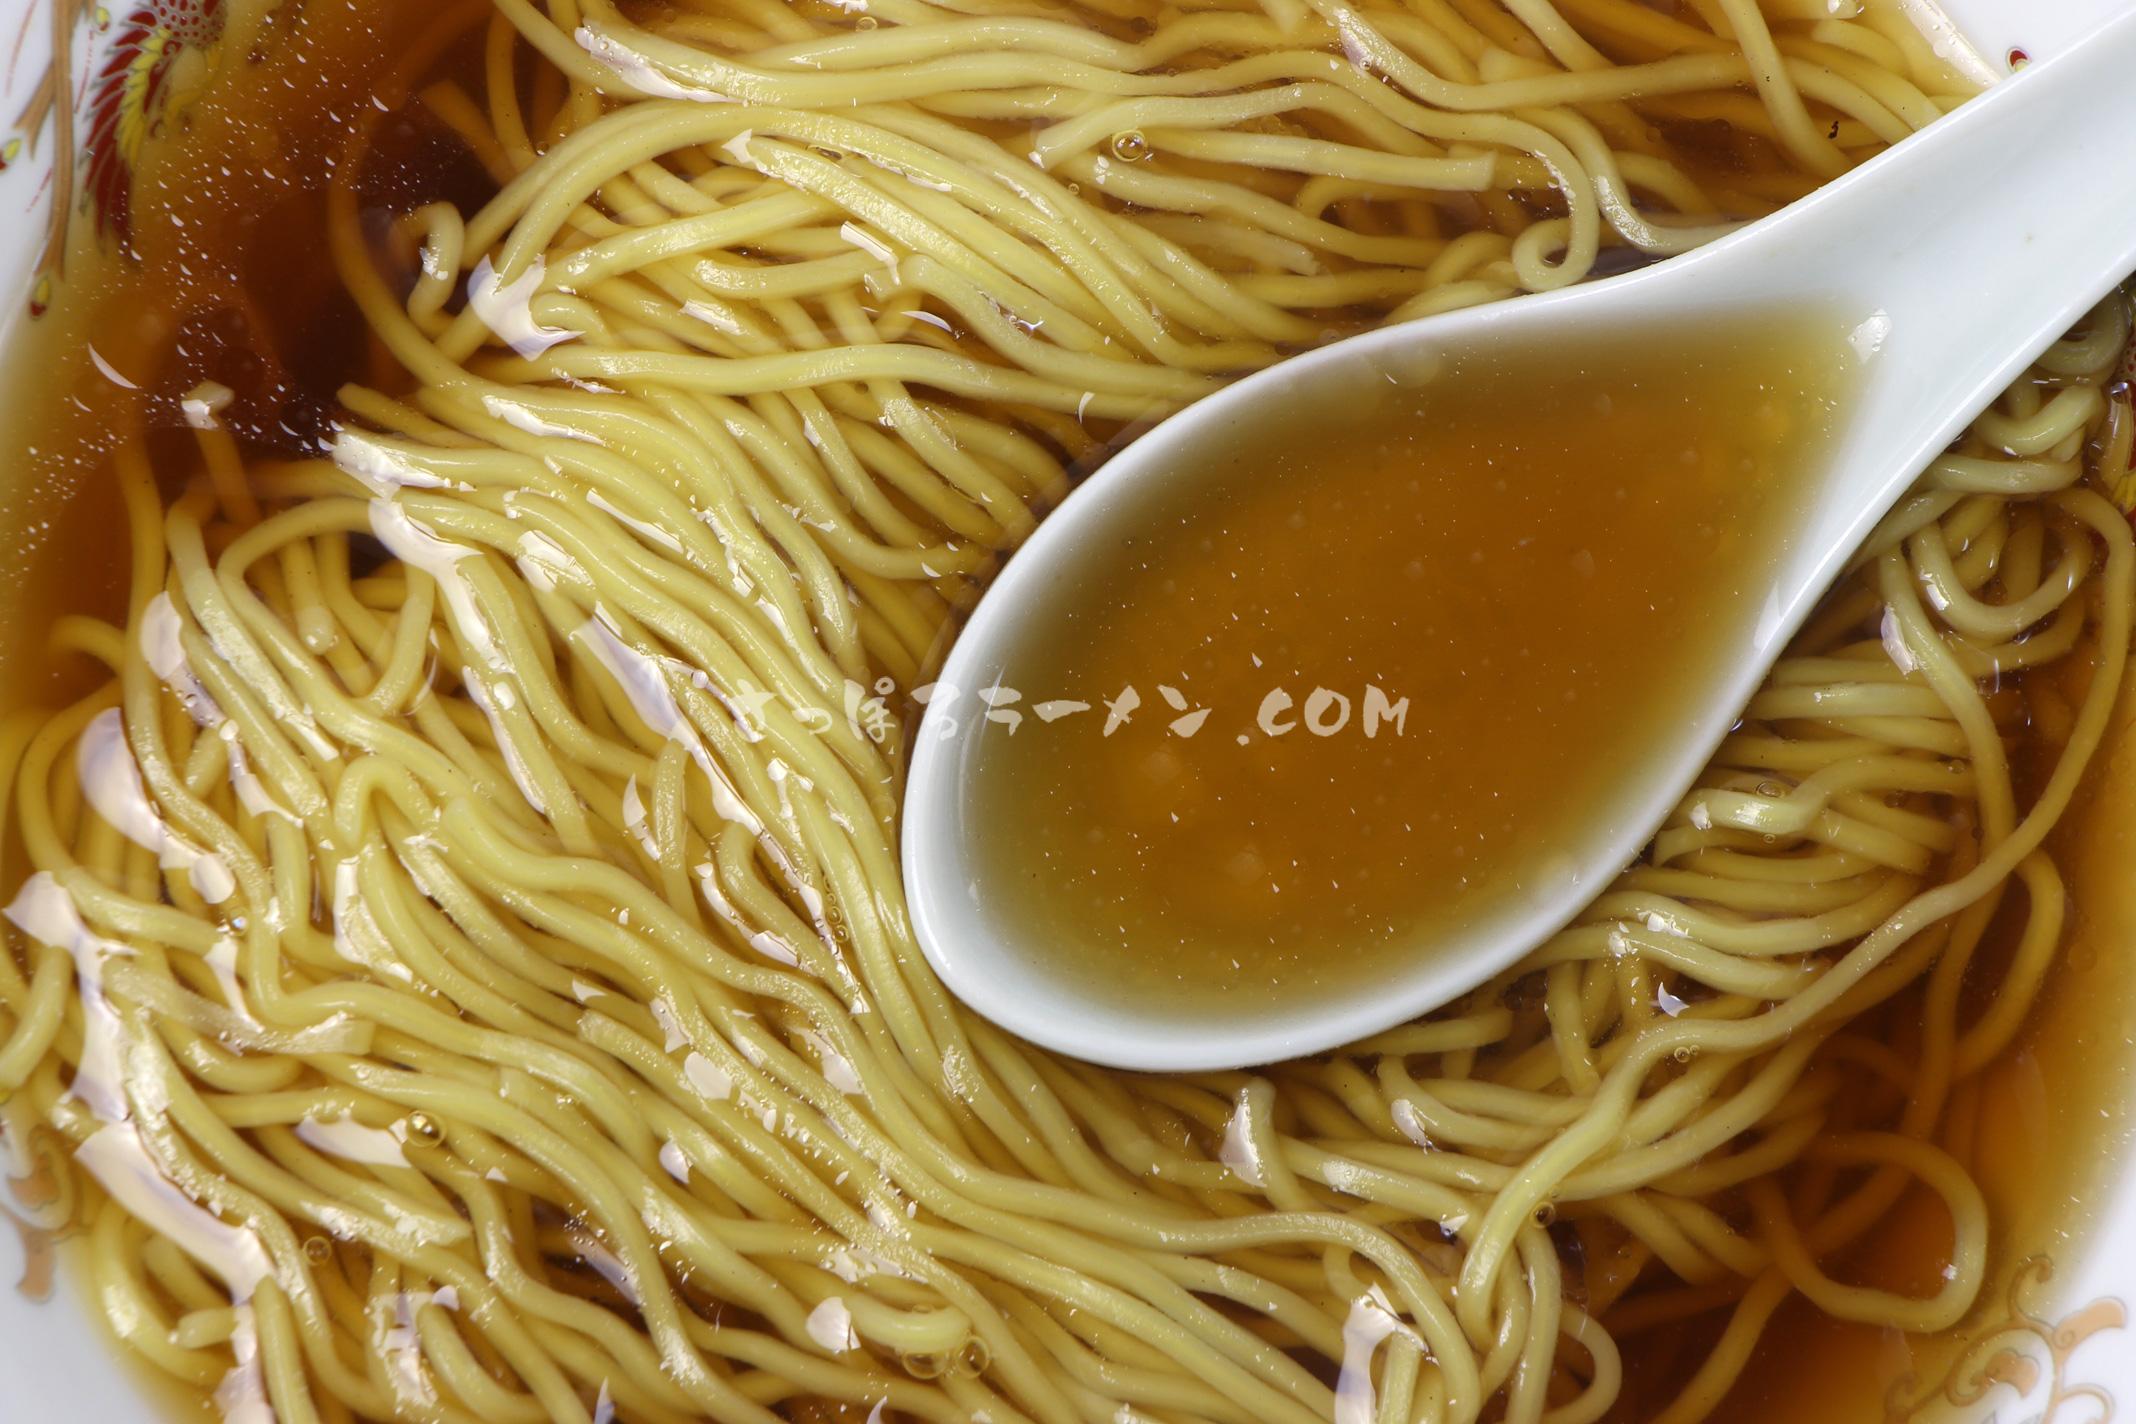 「北海道ラーメン旭川醤油」(藤原製麺)のスープ